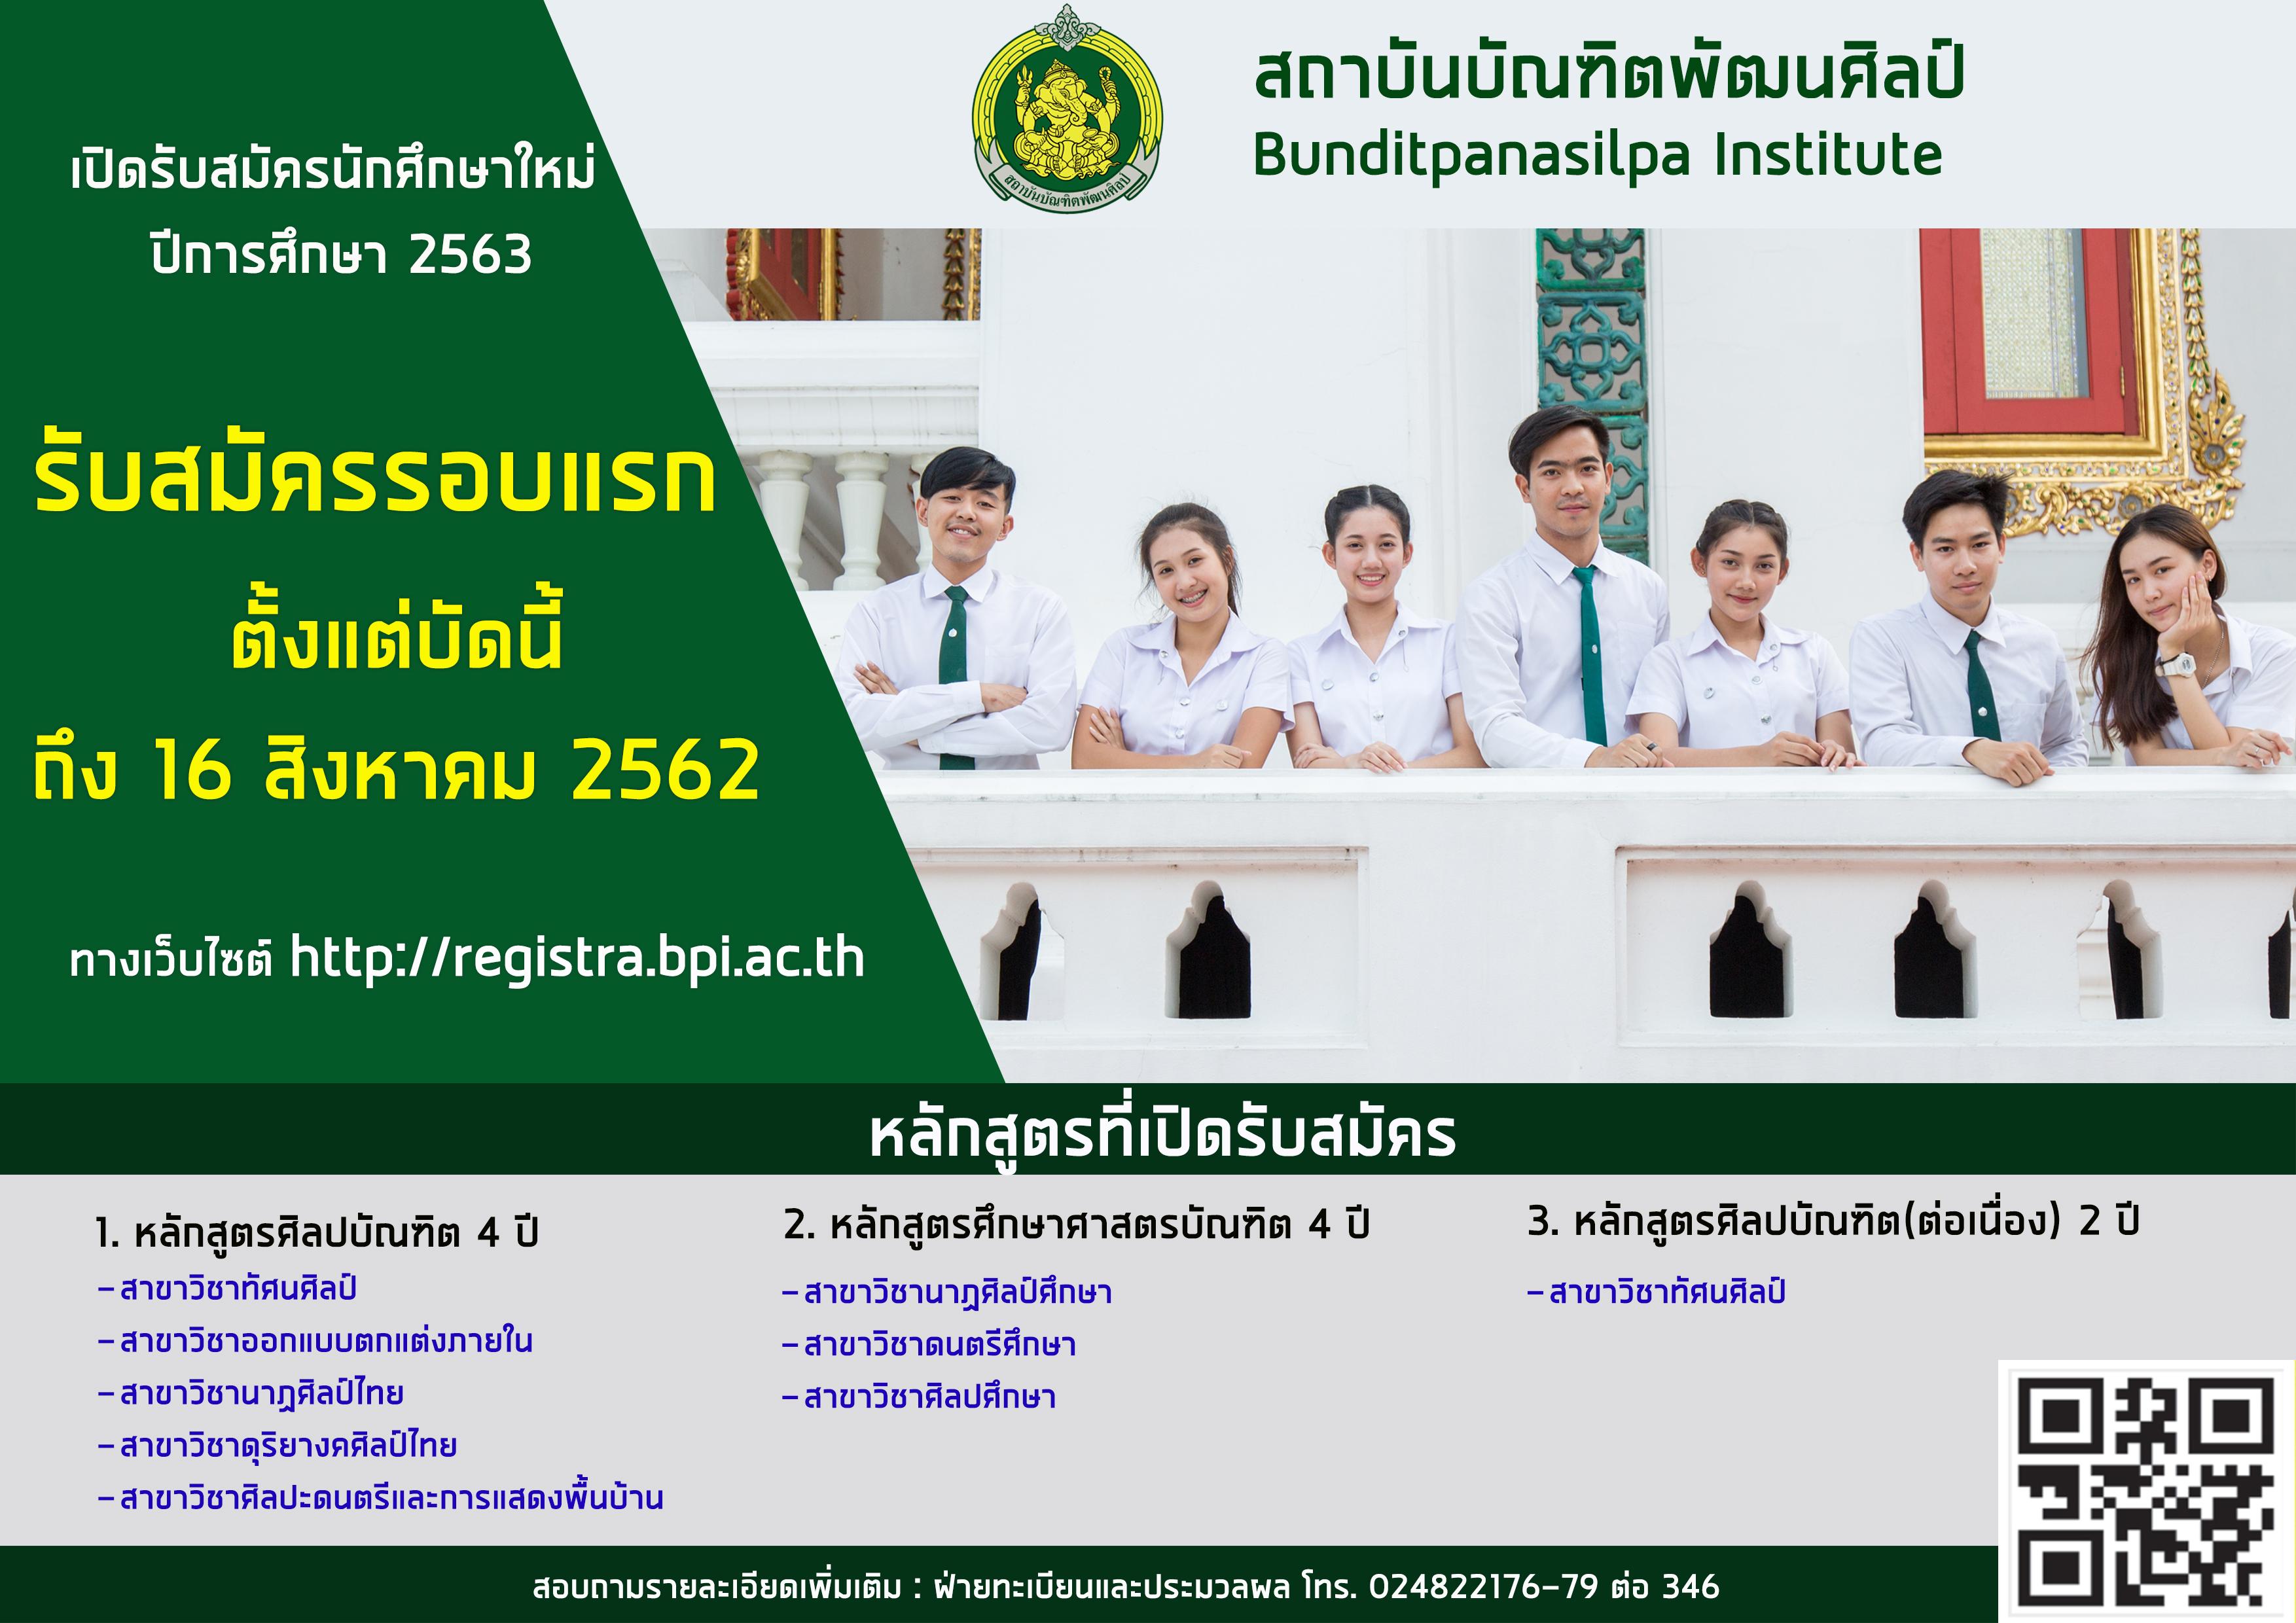 รับนักศึกษา ประจำปีการศึกษา 2563